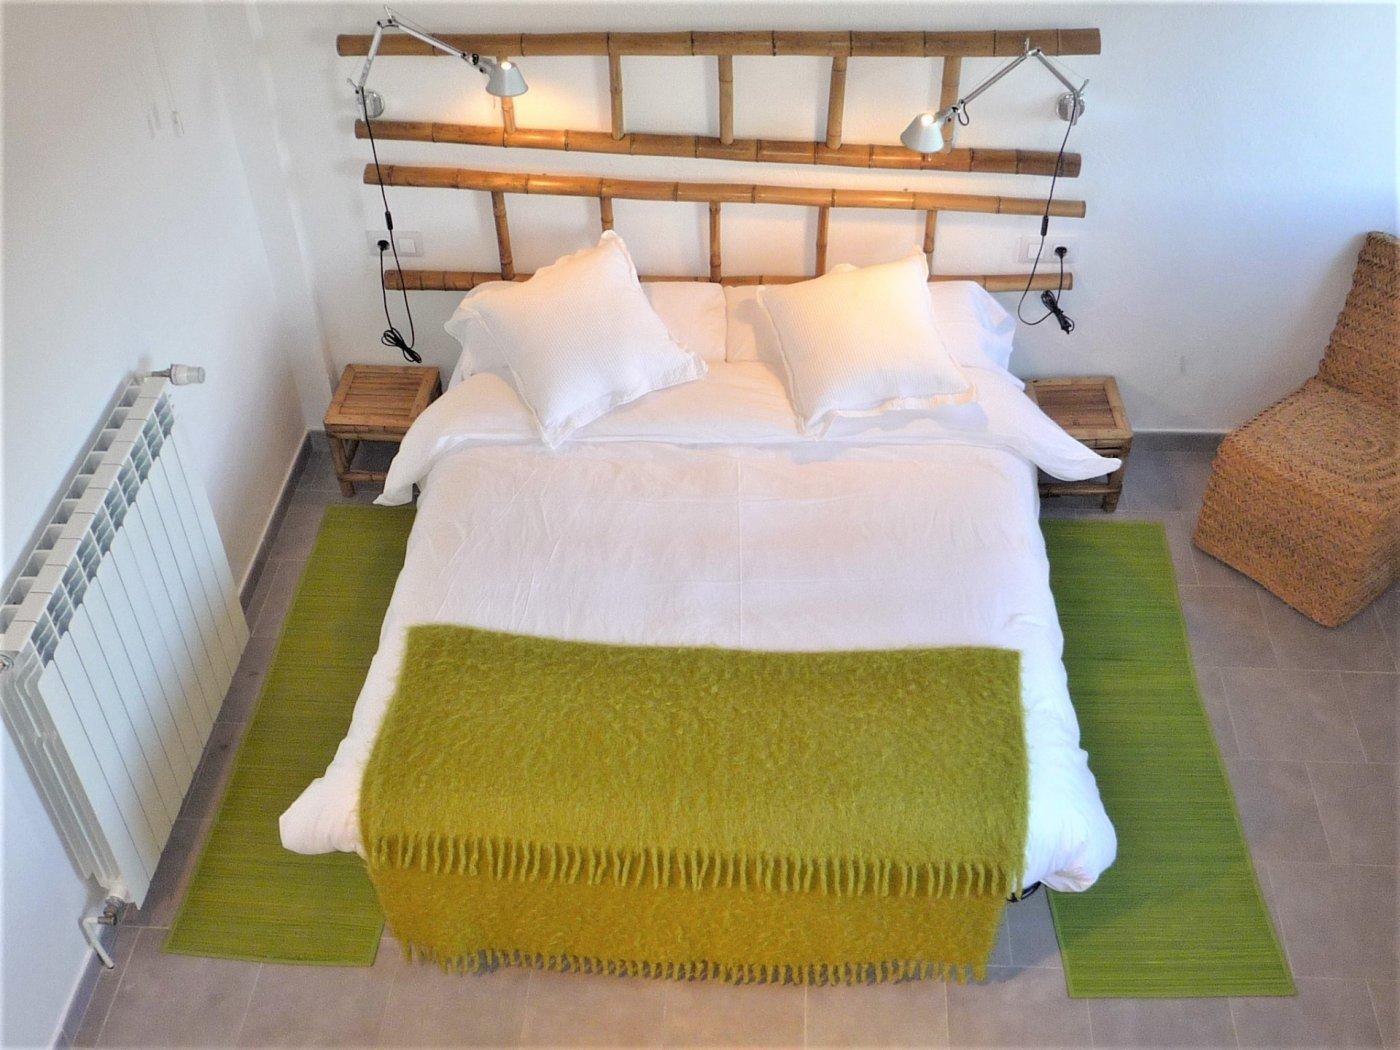 Casa en venta en montblanc - imagenInmueble35